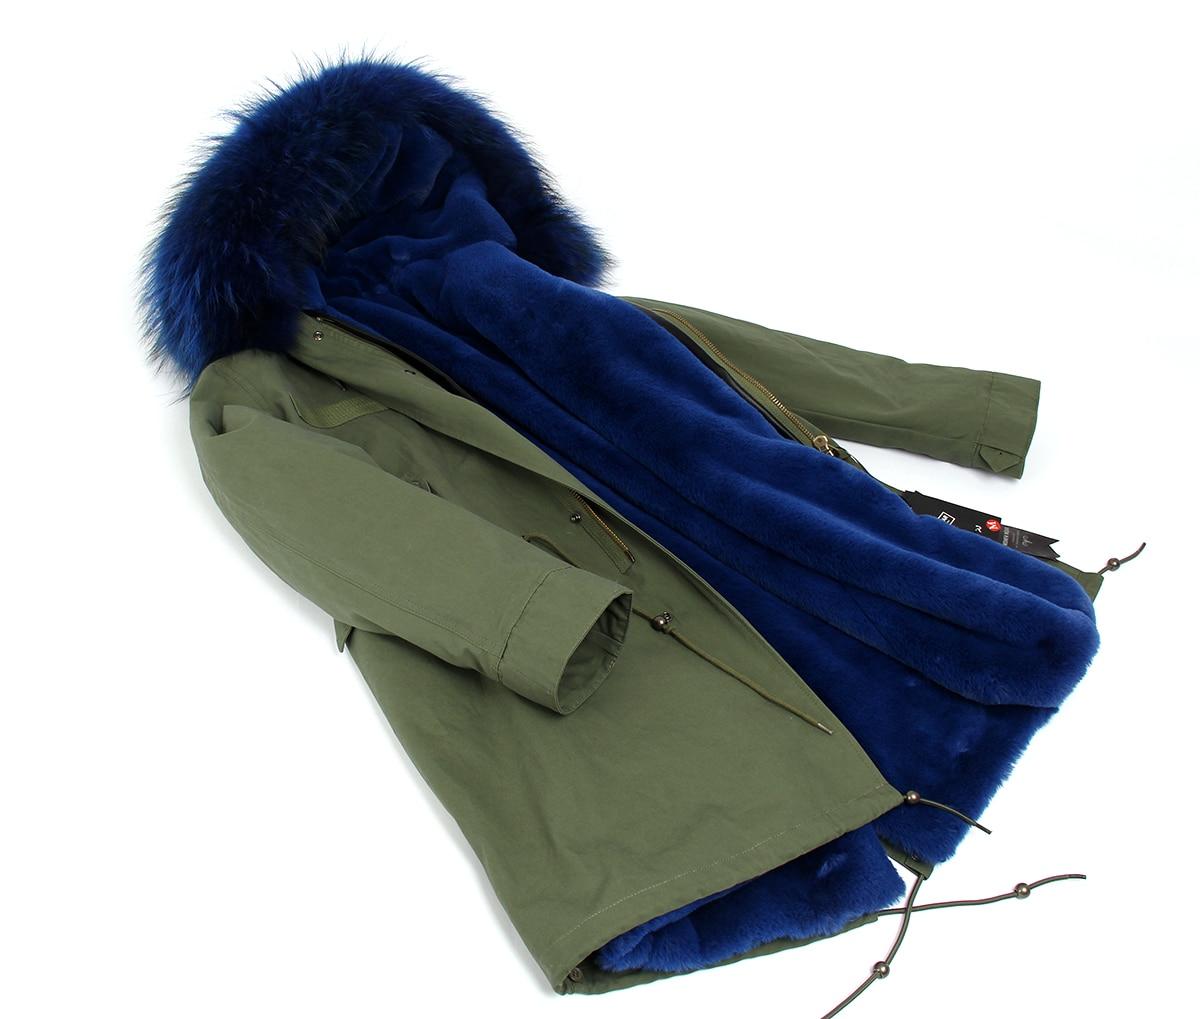 JAZZEVAR 2019 abrigo mujer ejército verde de gran color de piel de mapache con capucha parkas abrigo largo desmontable chaqueta de invierno-in Parkas from Ropa de mujer    3